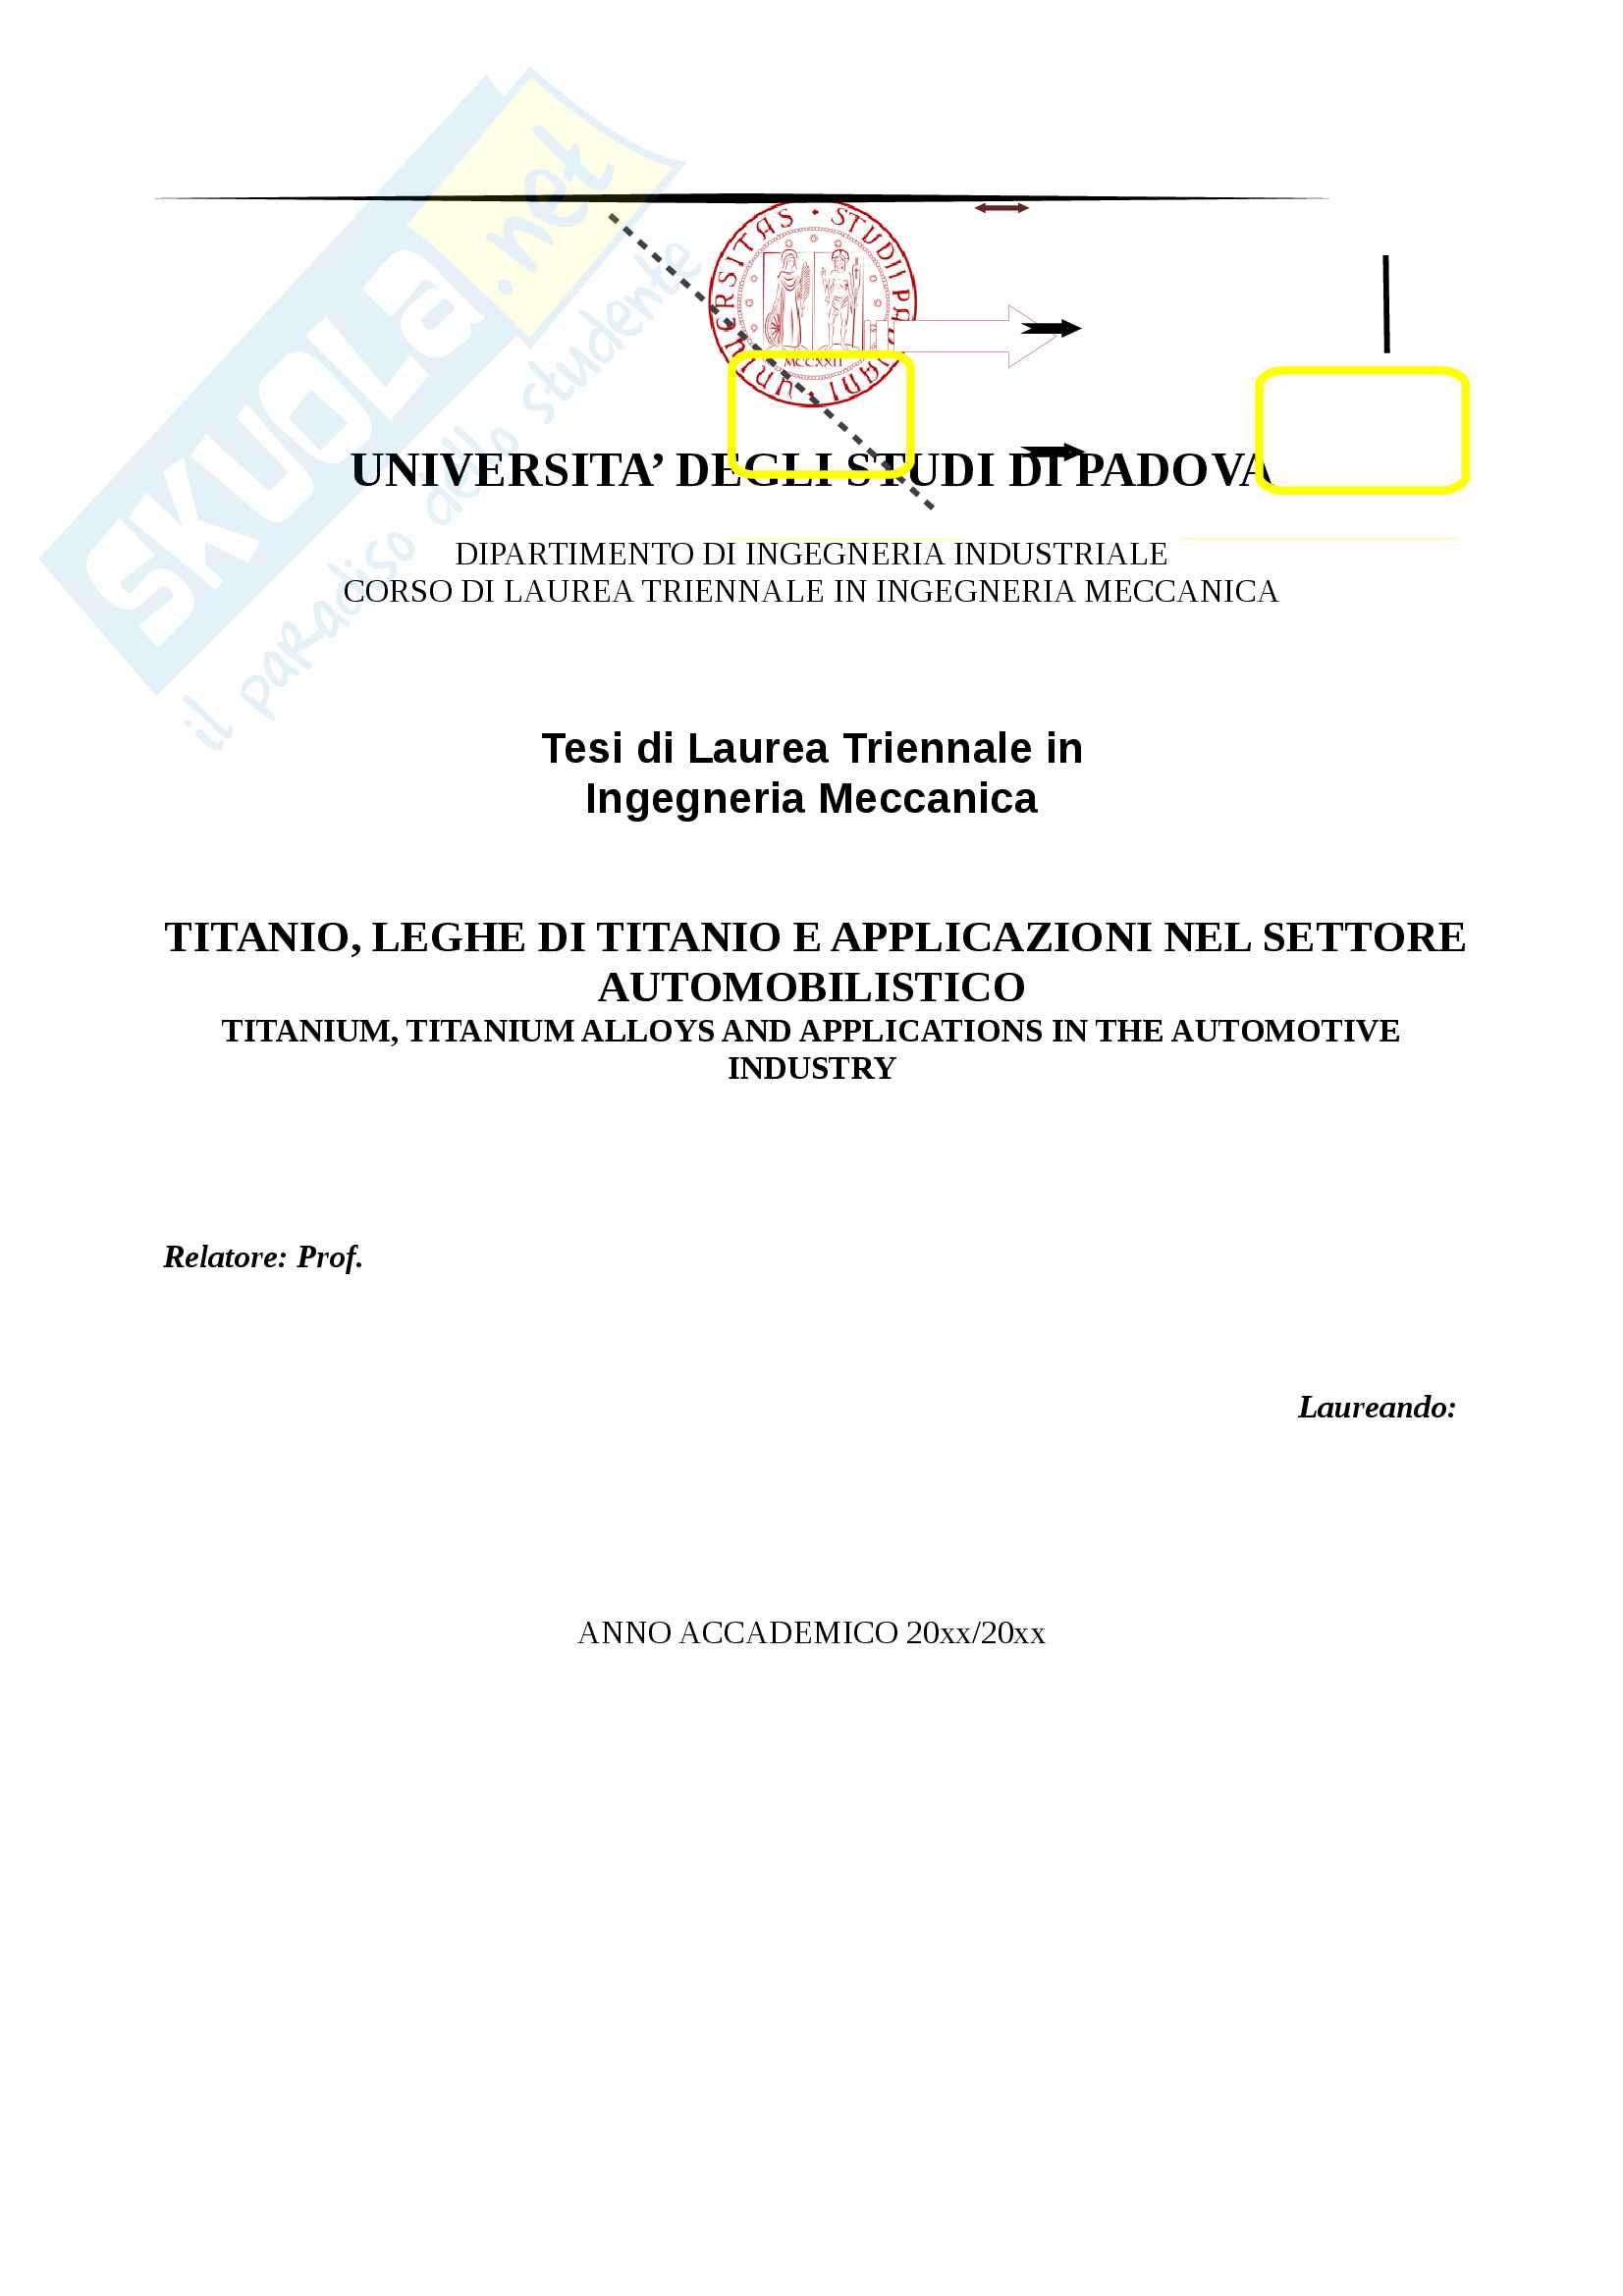 Titanio leghe di Titanio e applicazioni nel settore automobilistico 1 1